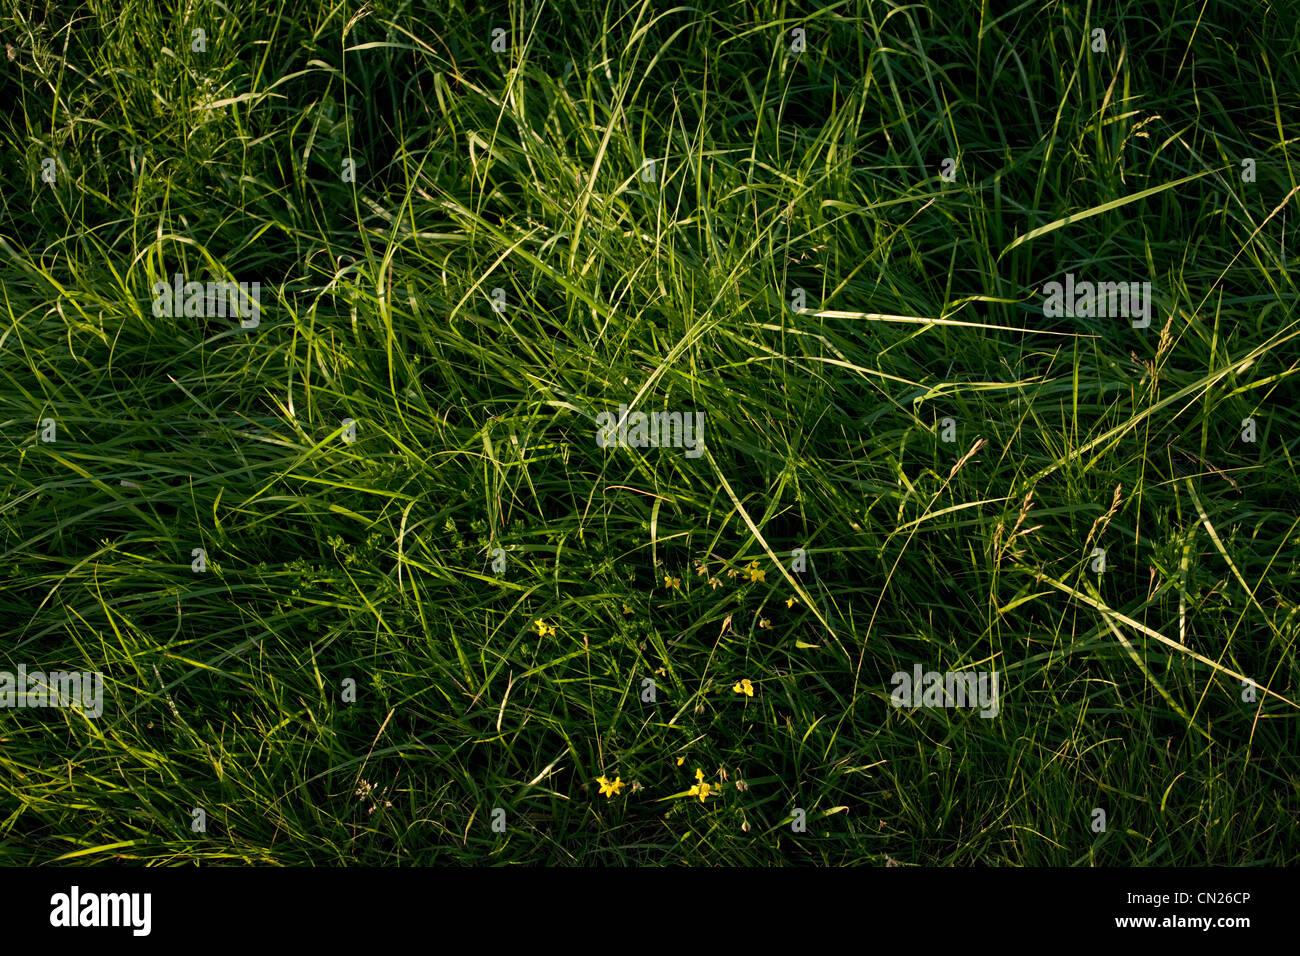 Green grass, full frame - Stock Image